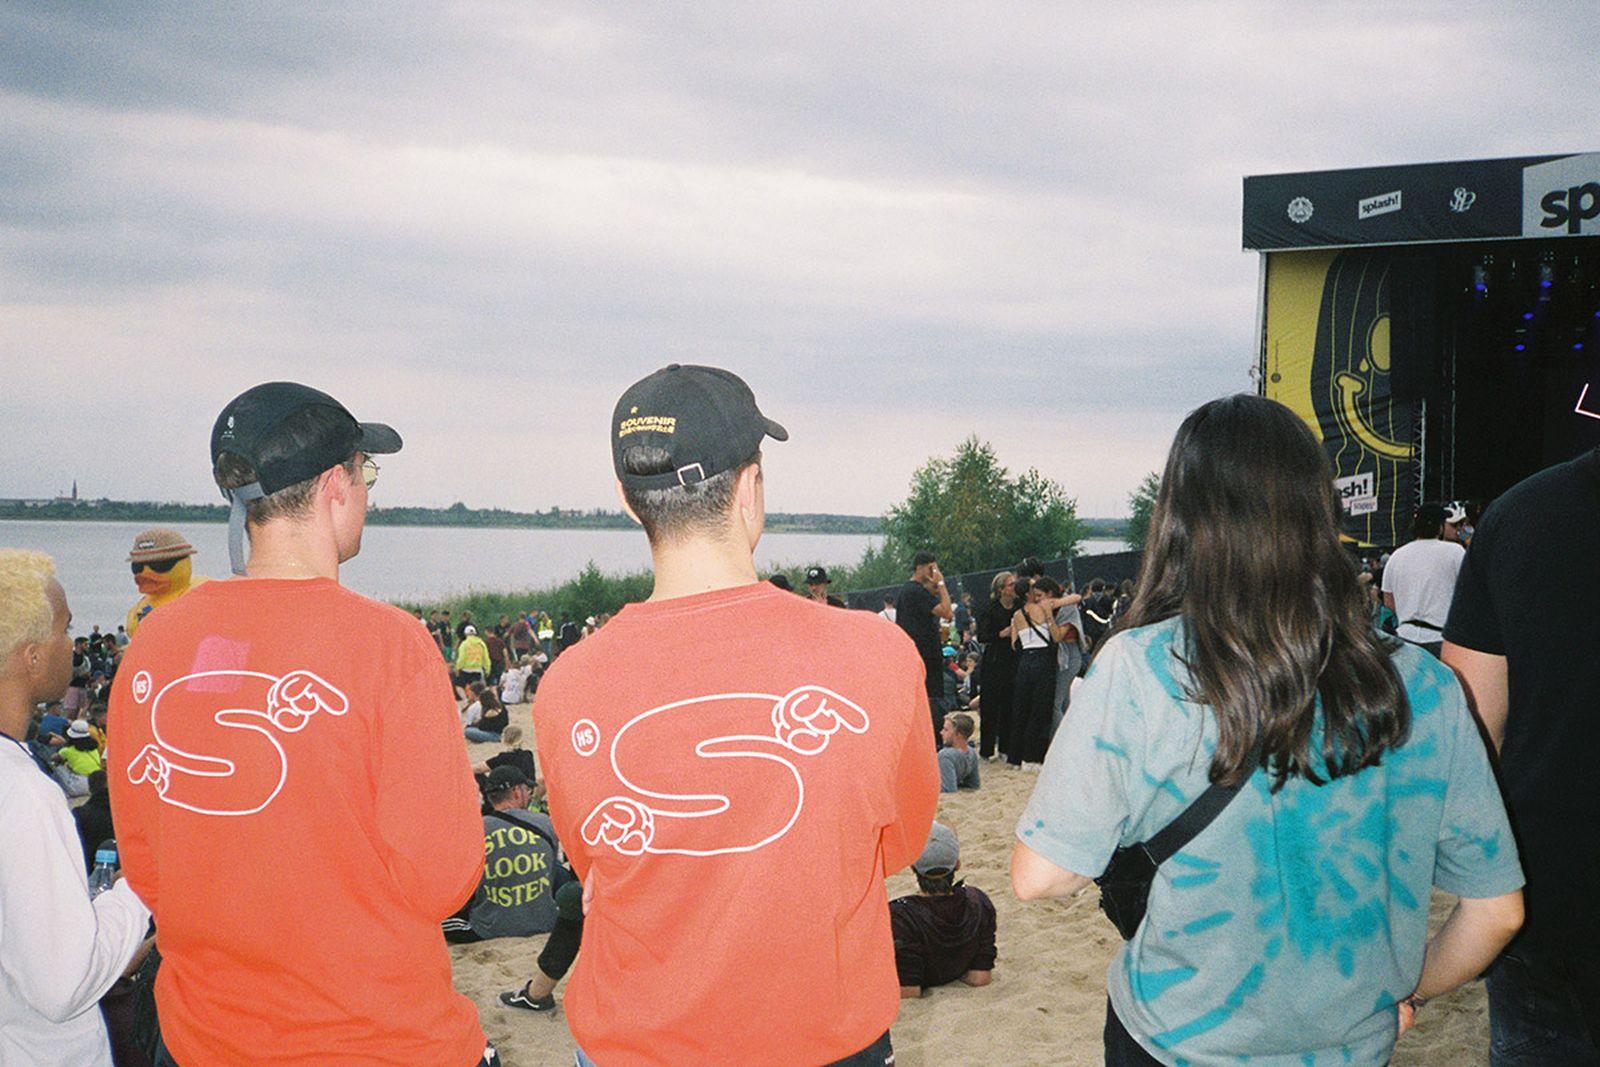 slapsh festival 2019 stage recap buddy places plus faces splash festival 2019